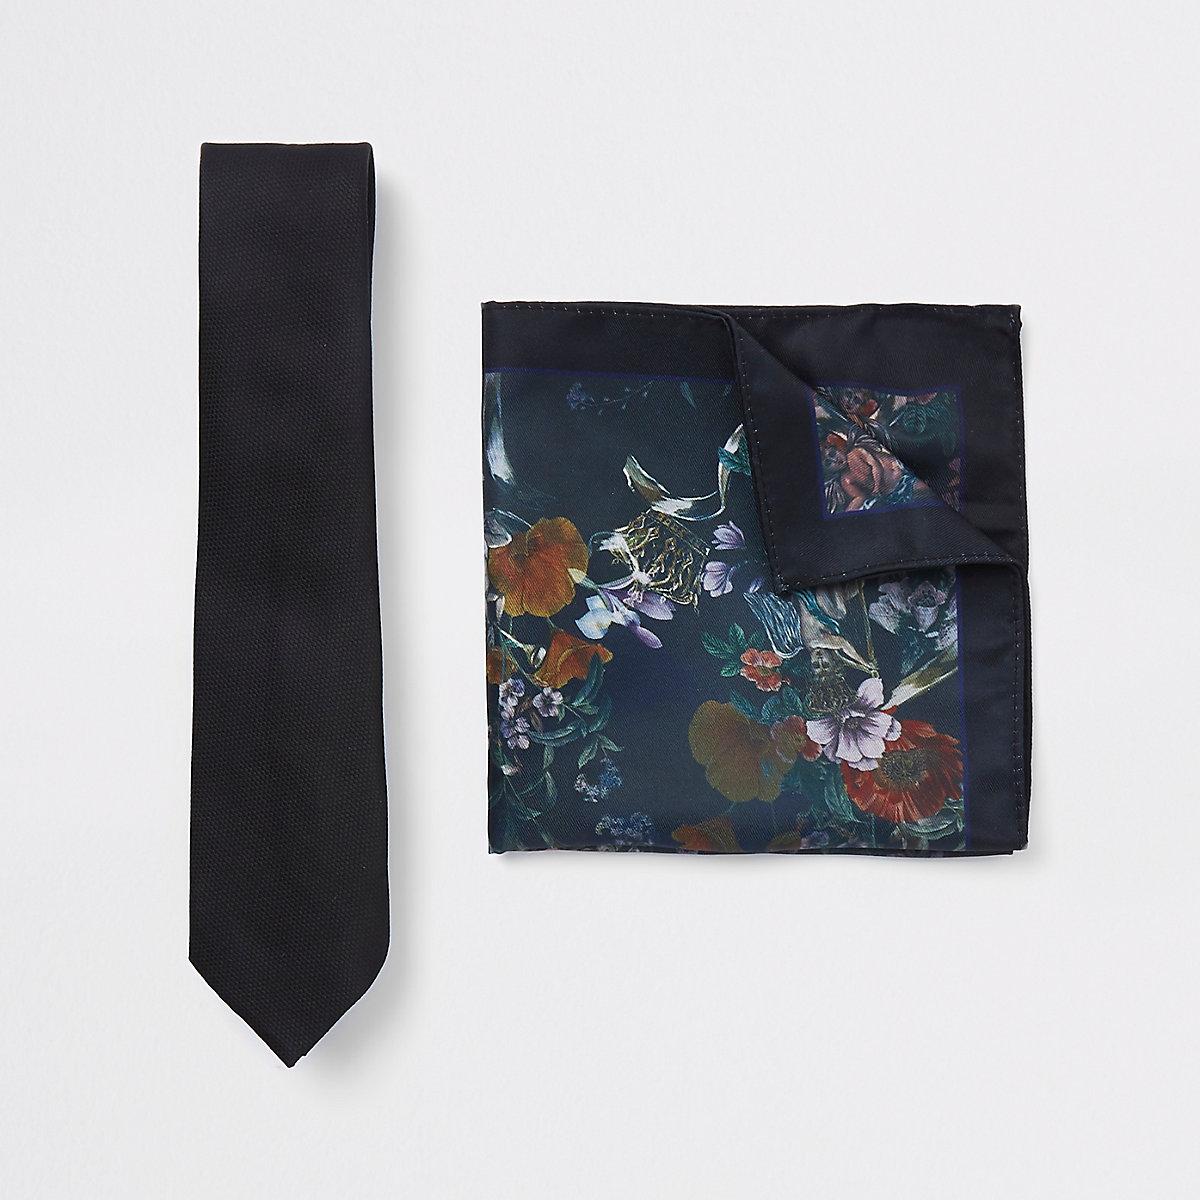 Black tie and floral pocket square set